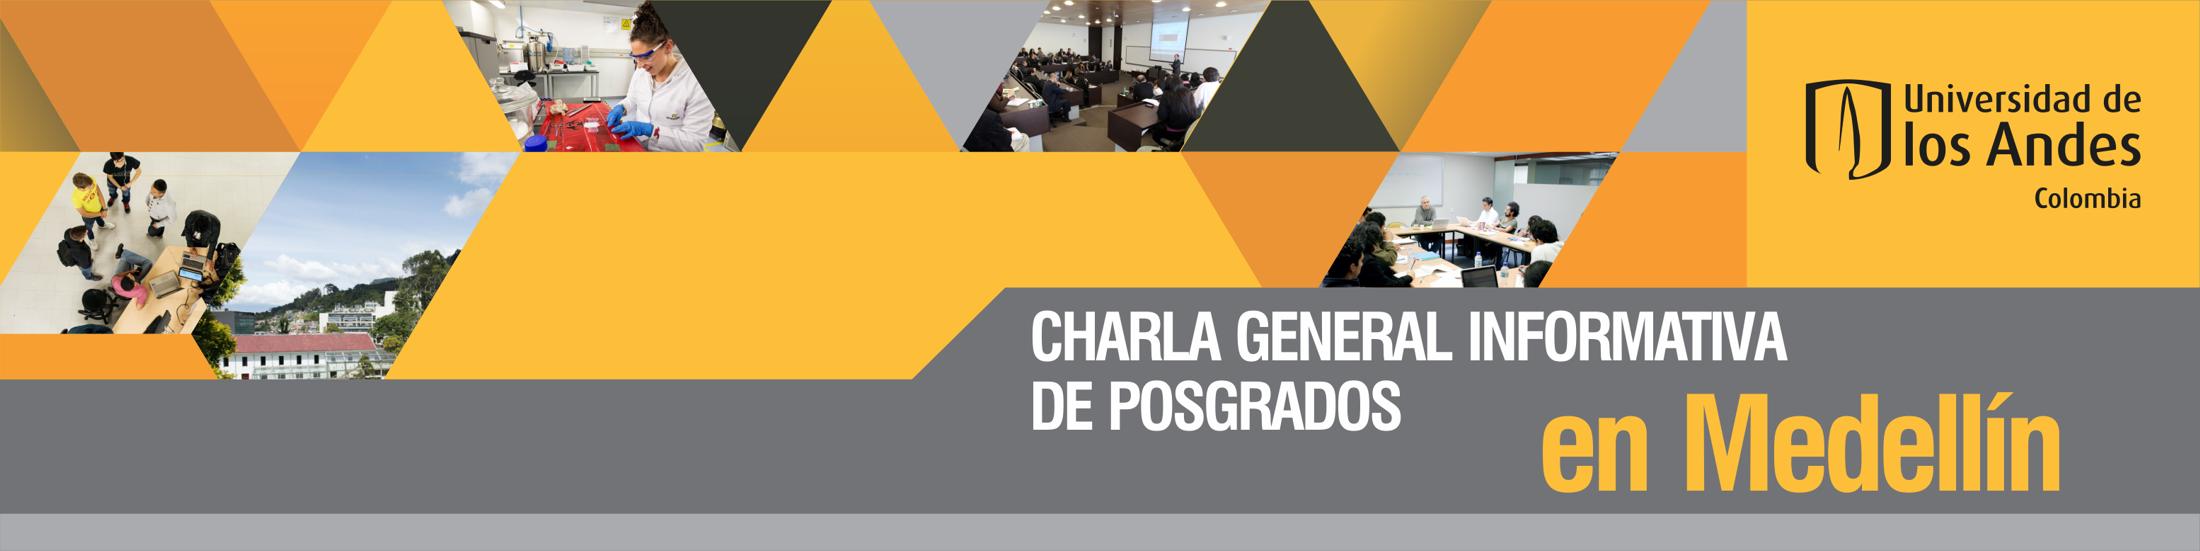 Charla_general_posgrado_barranquilla_2017